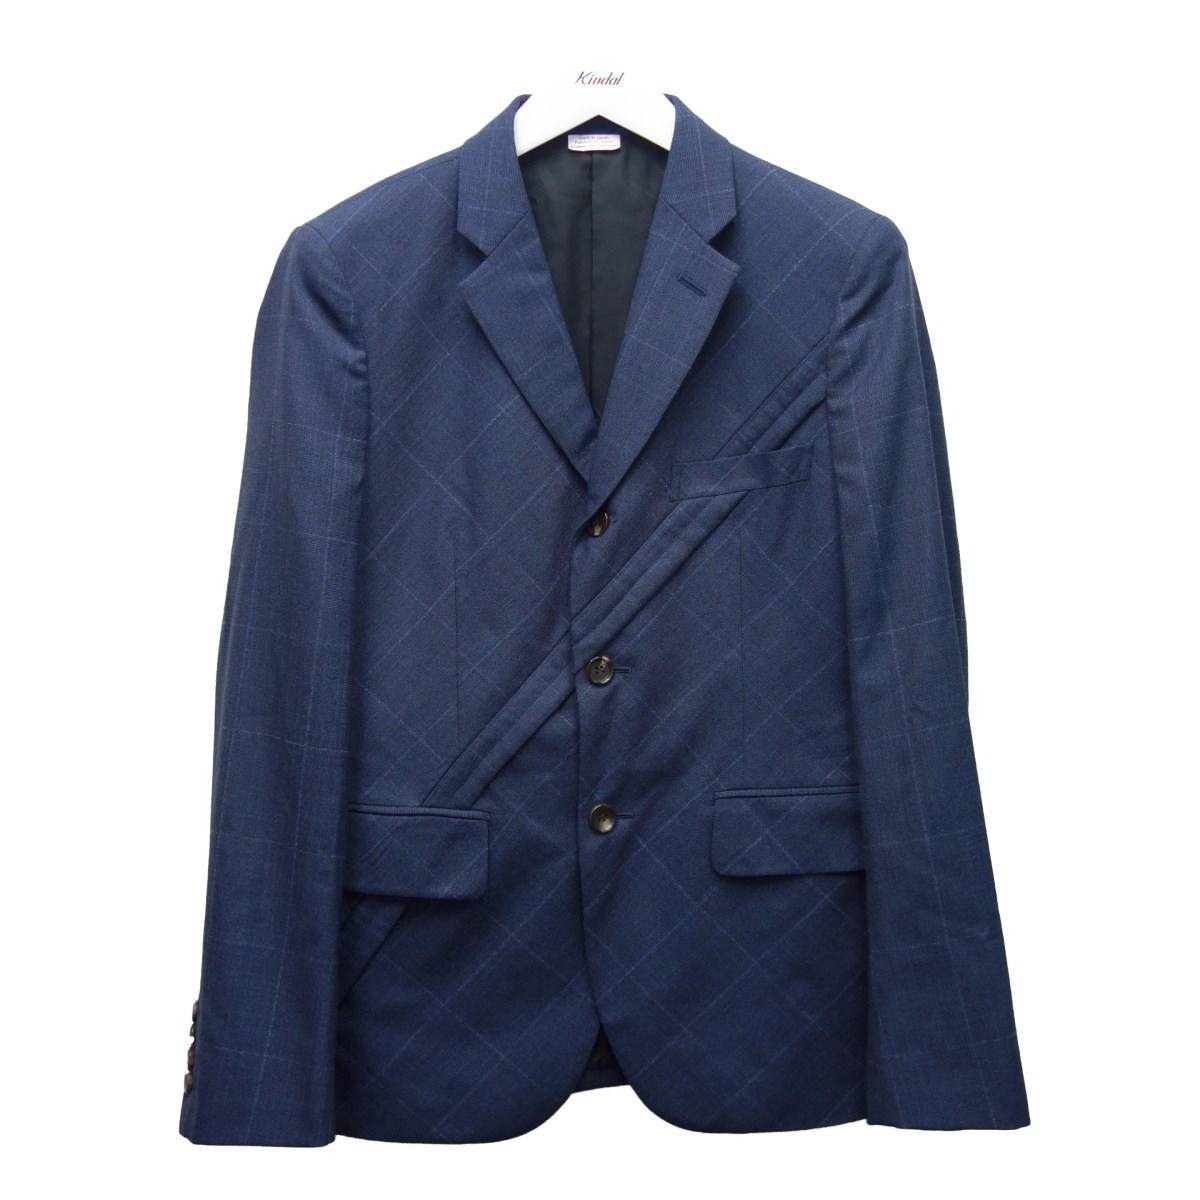 【中古】COMME des GARCONS HOMME DEUX 20AW バイアスデザインジャケット ネイビー サイズ:XS 【010920】(コムデギャルソンオムドゥ)